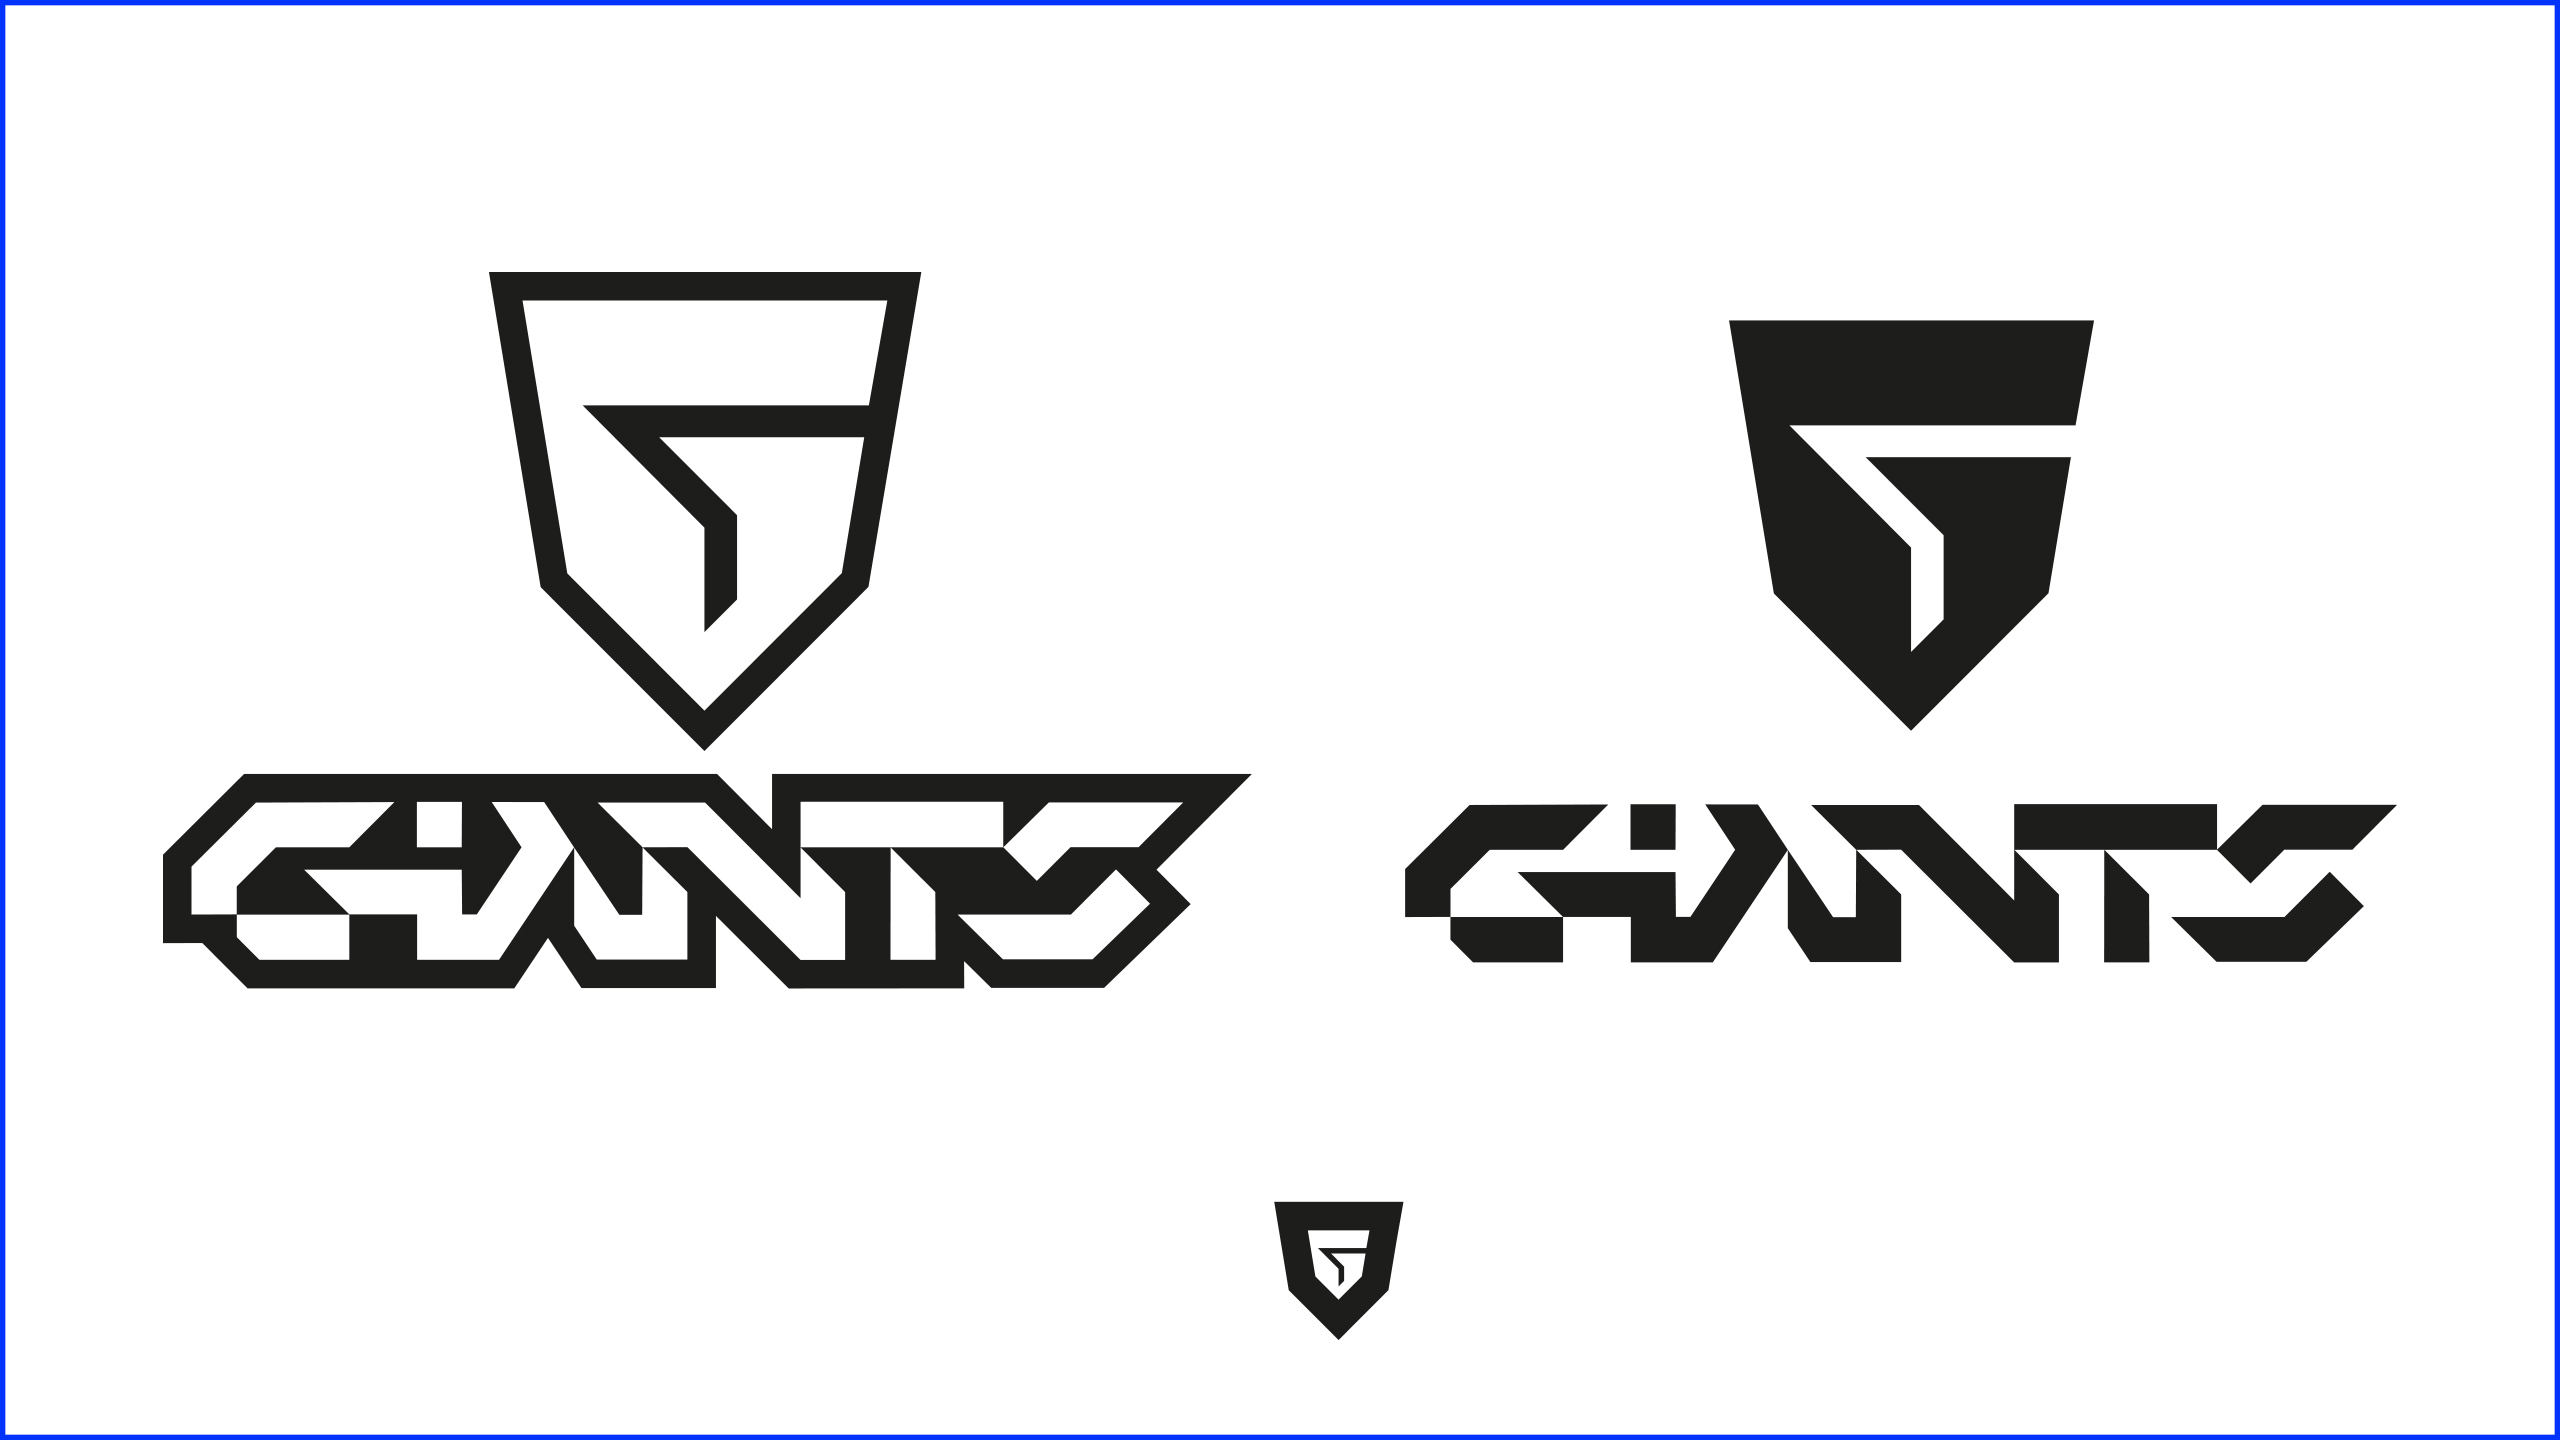 Versiones de la marca Giants